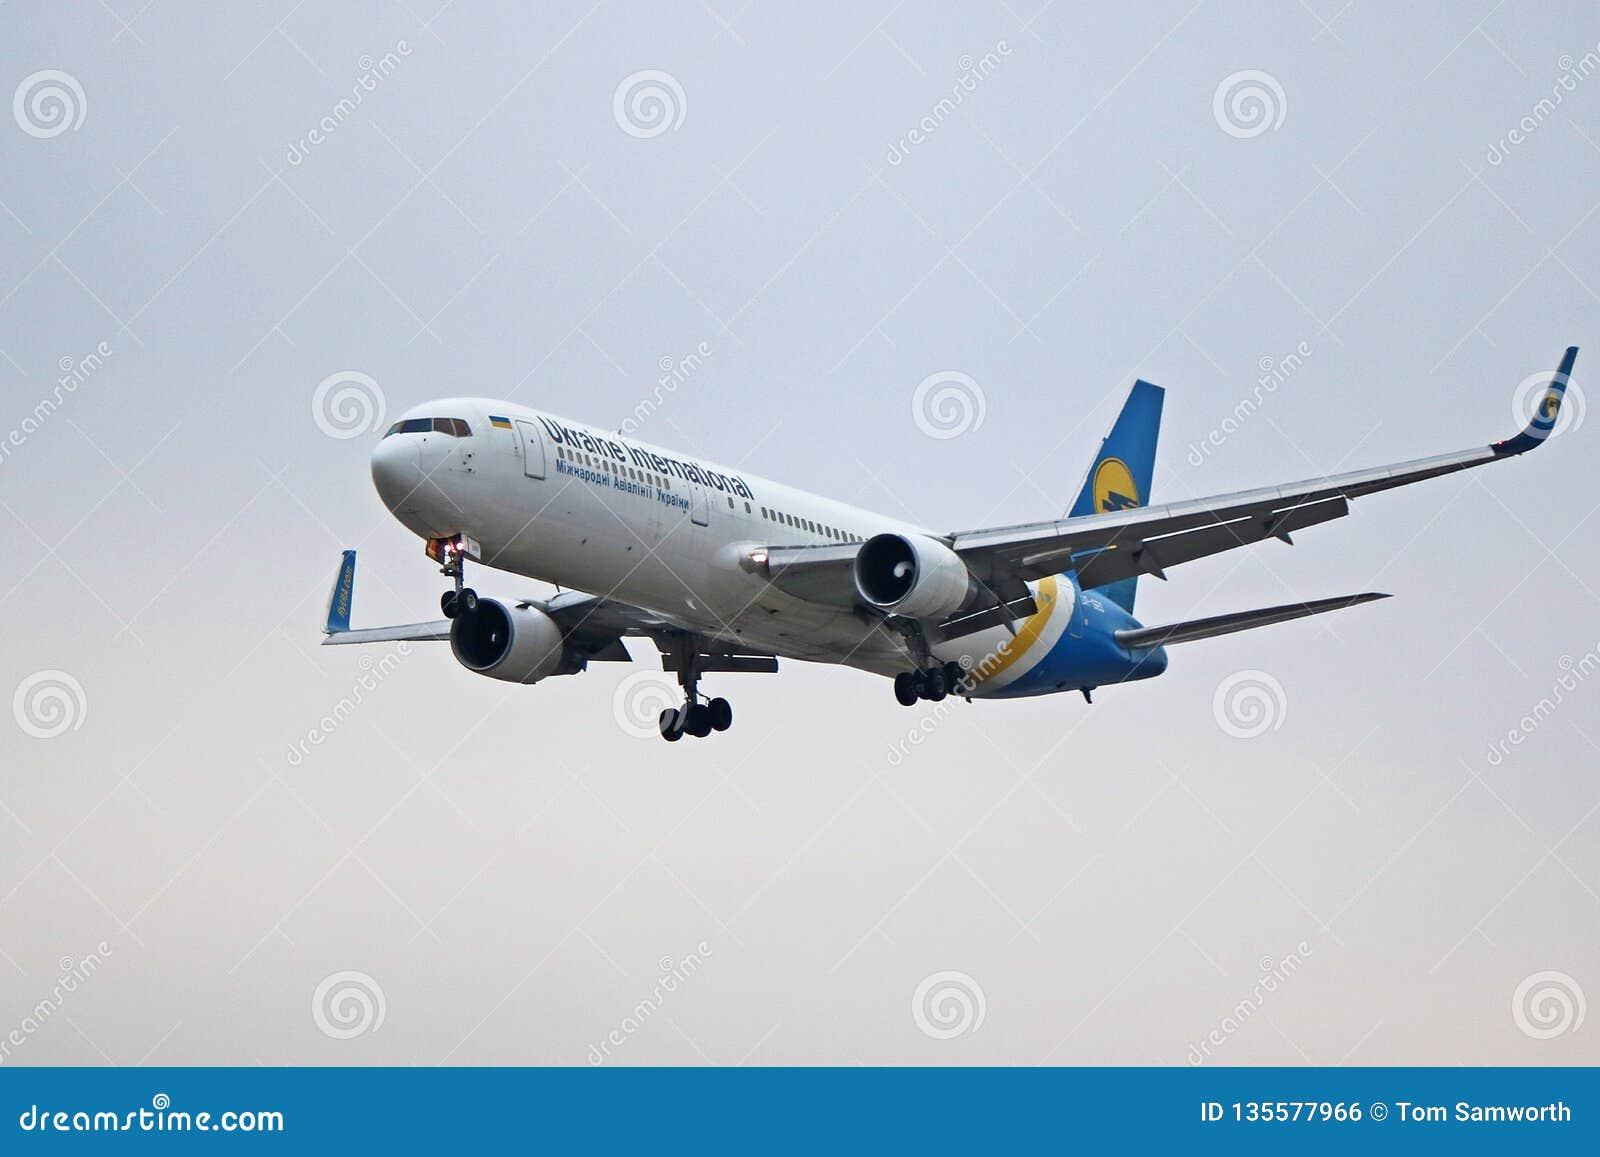 Ukraine International Airlines Boeing 767-300ER